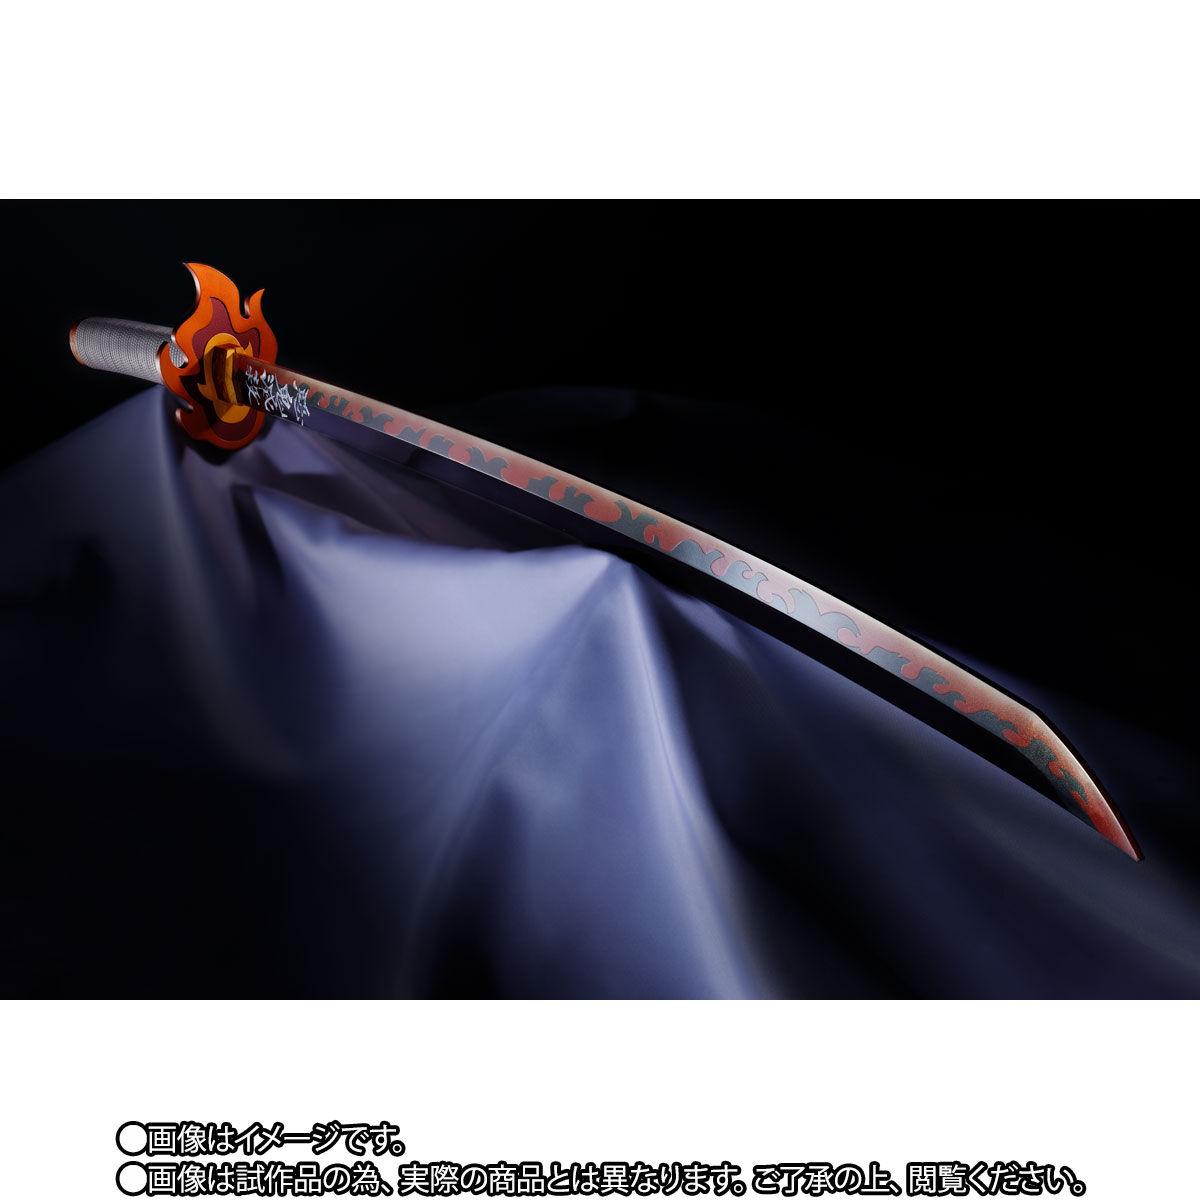 【限定販売】PROPLICA プロップリカ『日輪刀(煉獄杏寿郎)』鬼滅の刃 変身なりきり-007